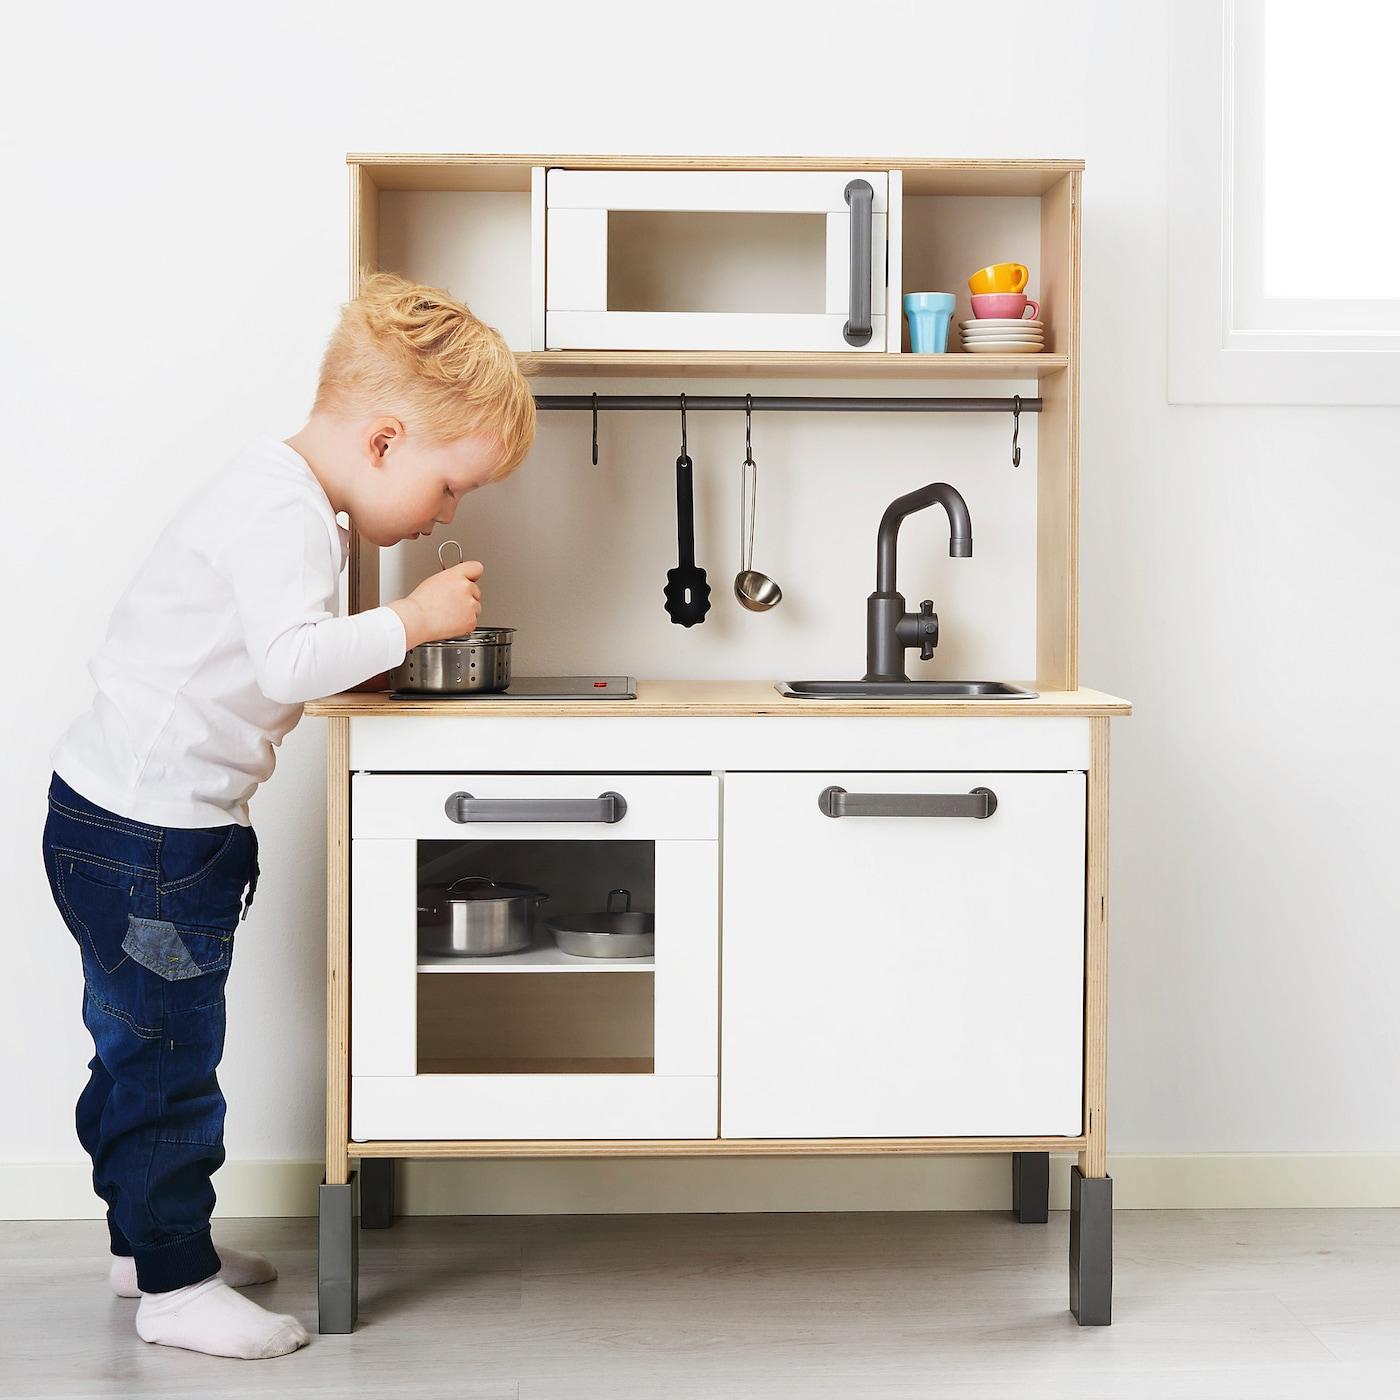 cocina juguete ikea bebe